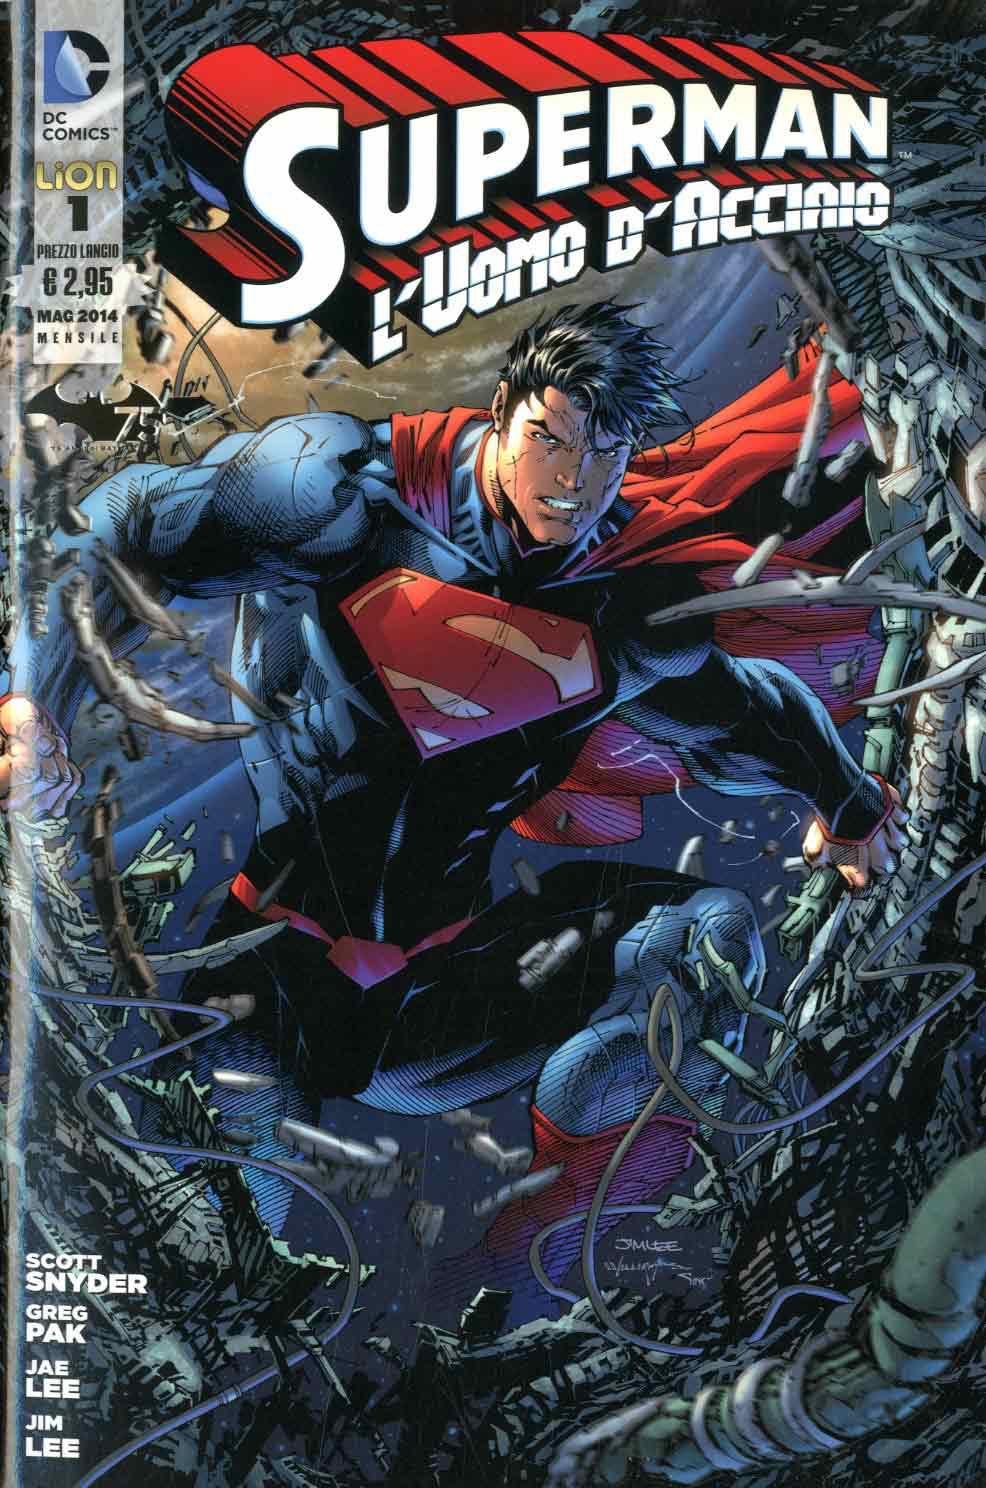 SUPERMANUOMODACCIAIO001.jpg